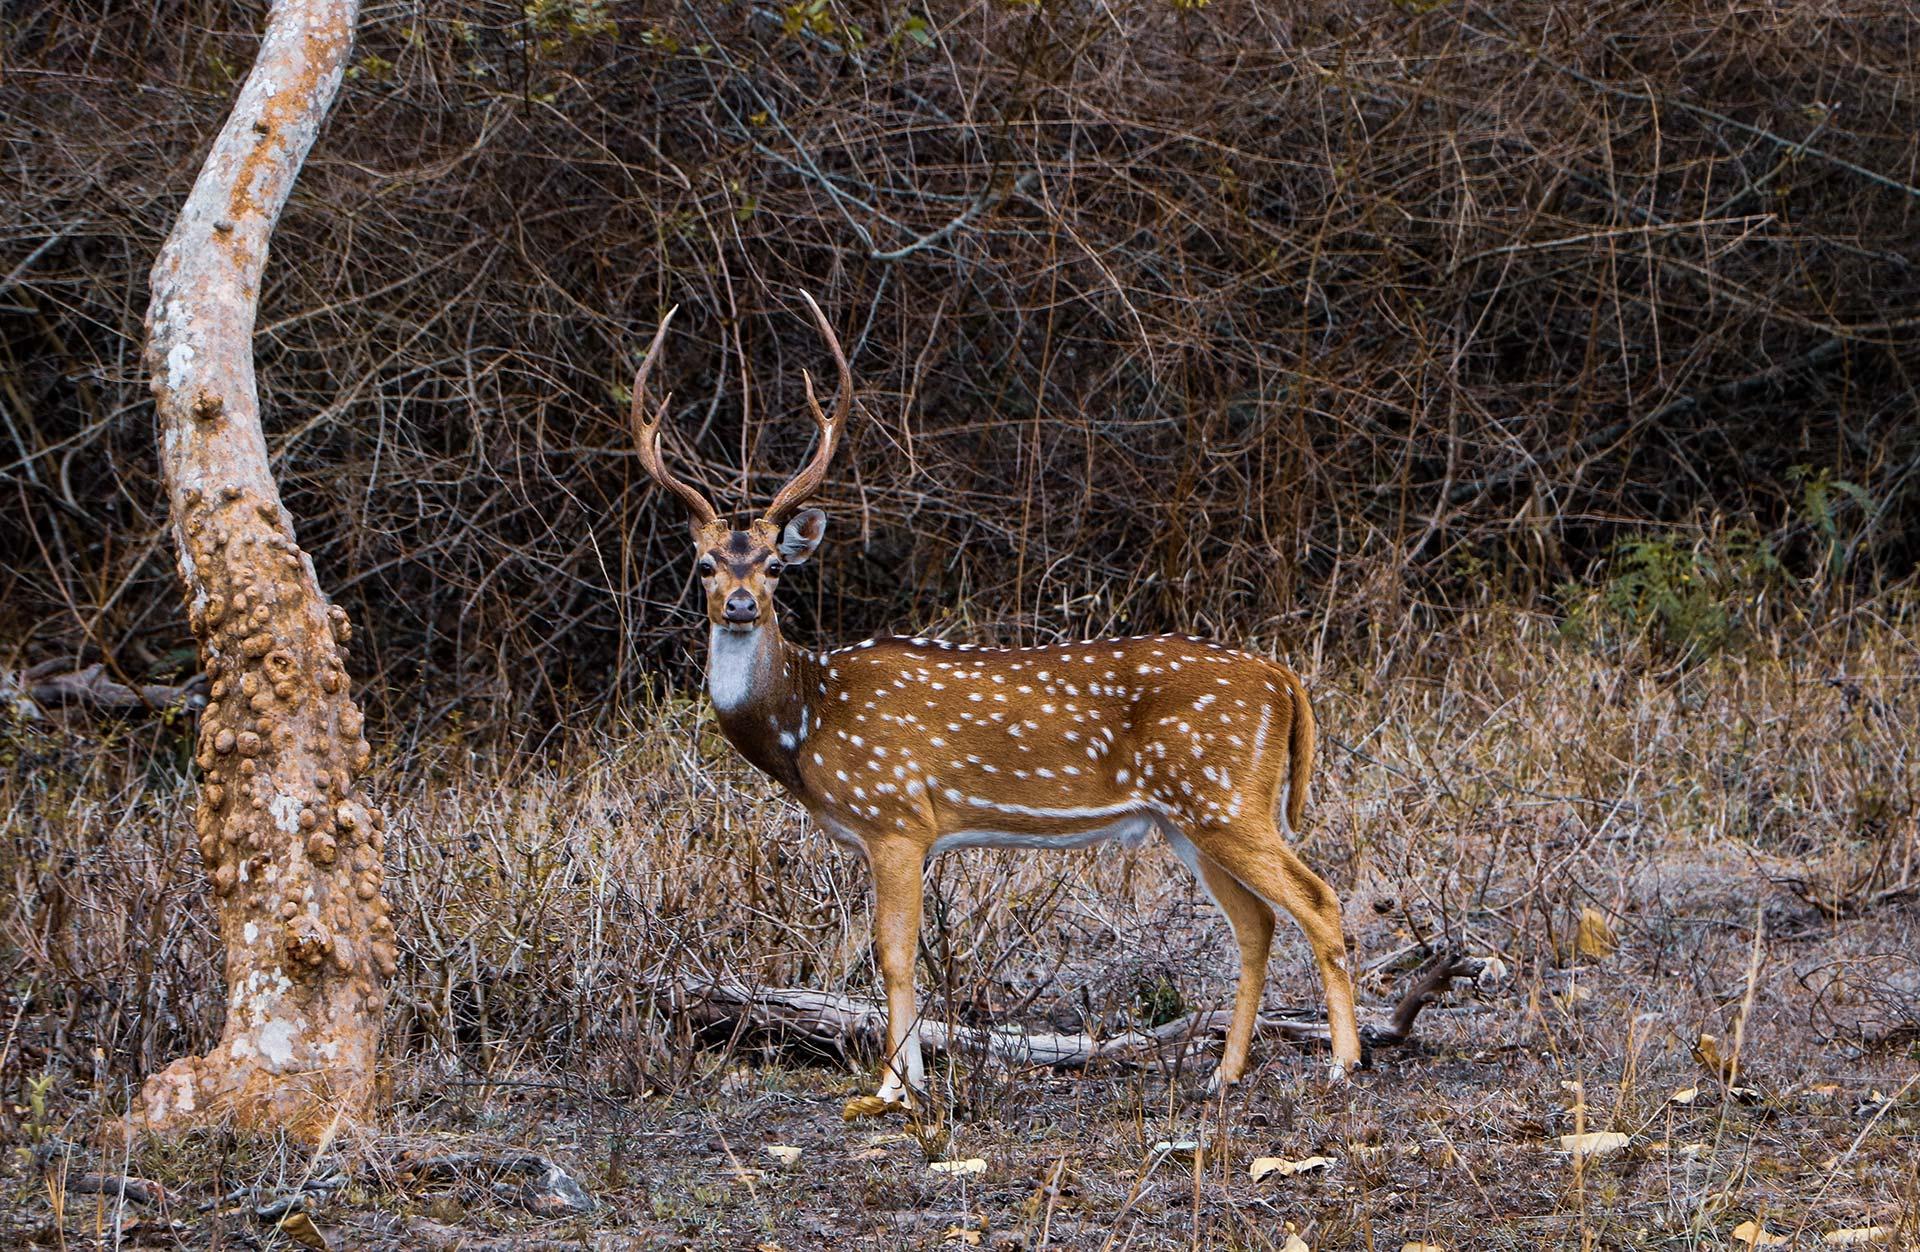 Antilope Parc de Clères